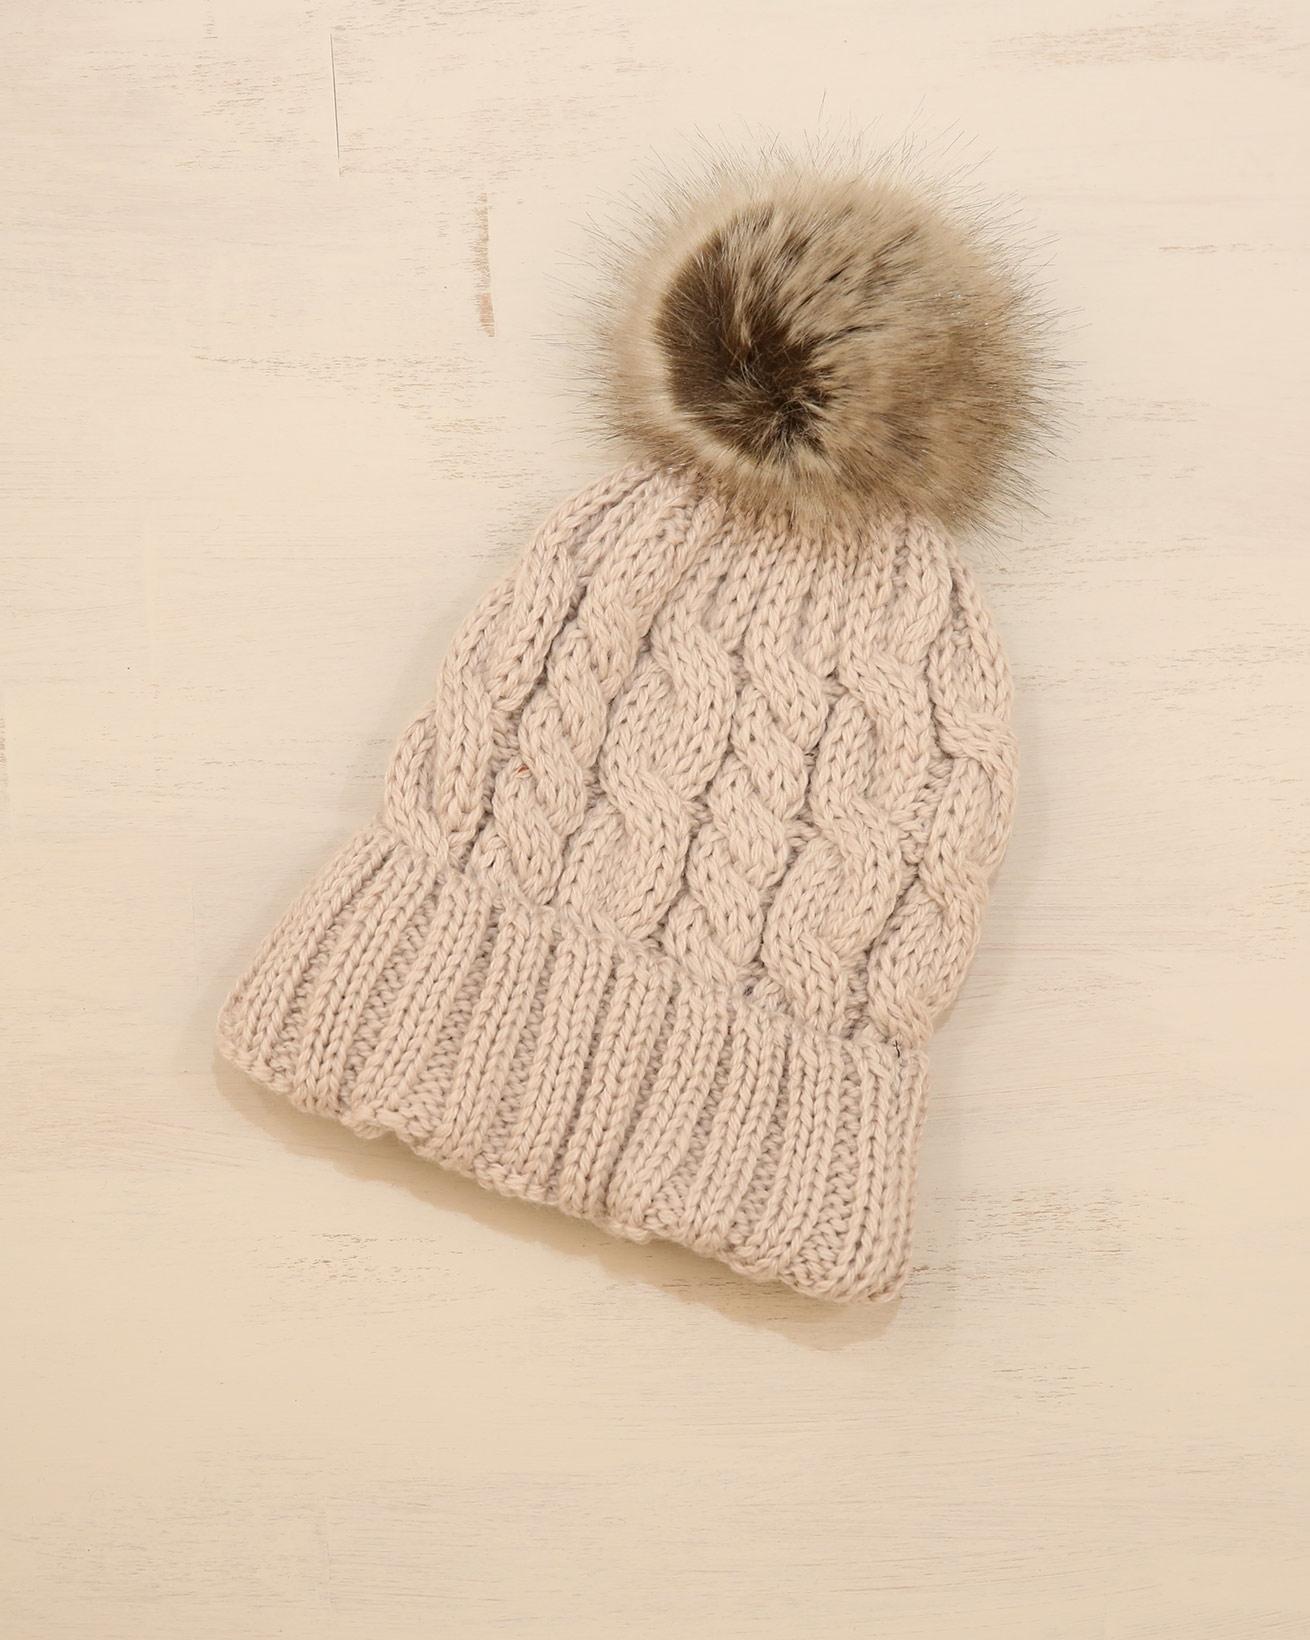 Ladies Cable Pom Pom beanie - One Size - Warm Taupe - 2335